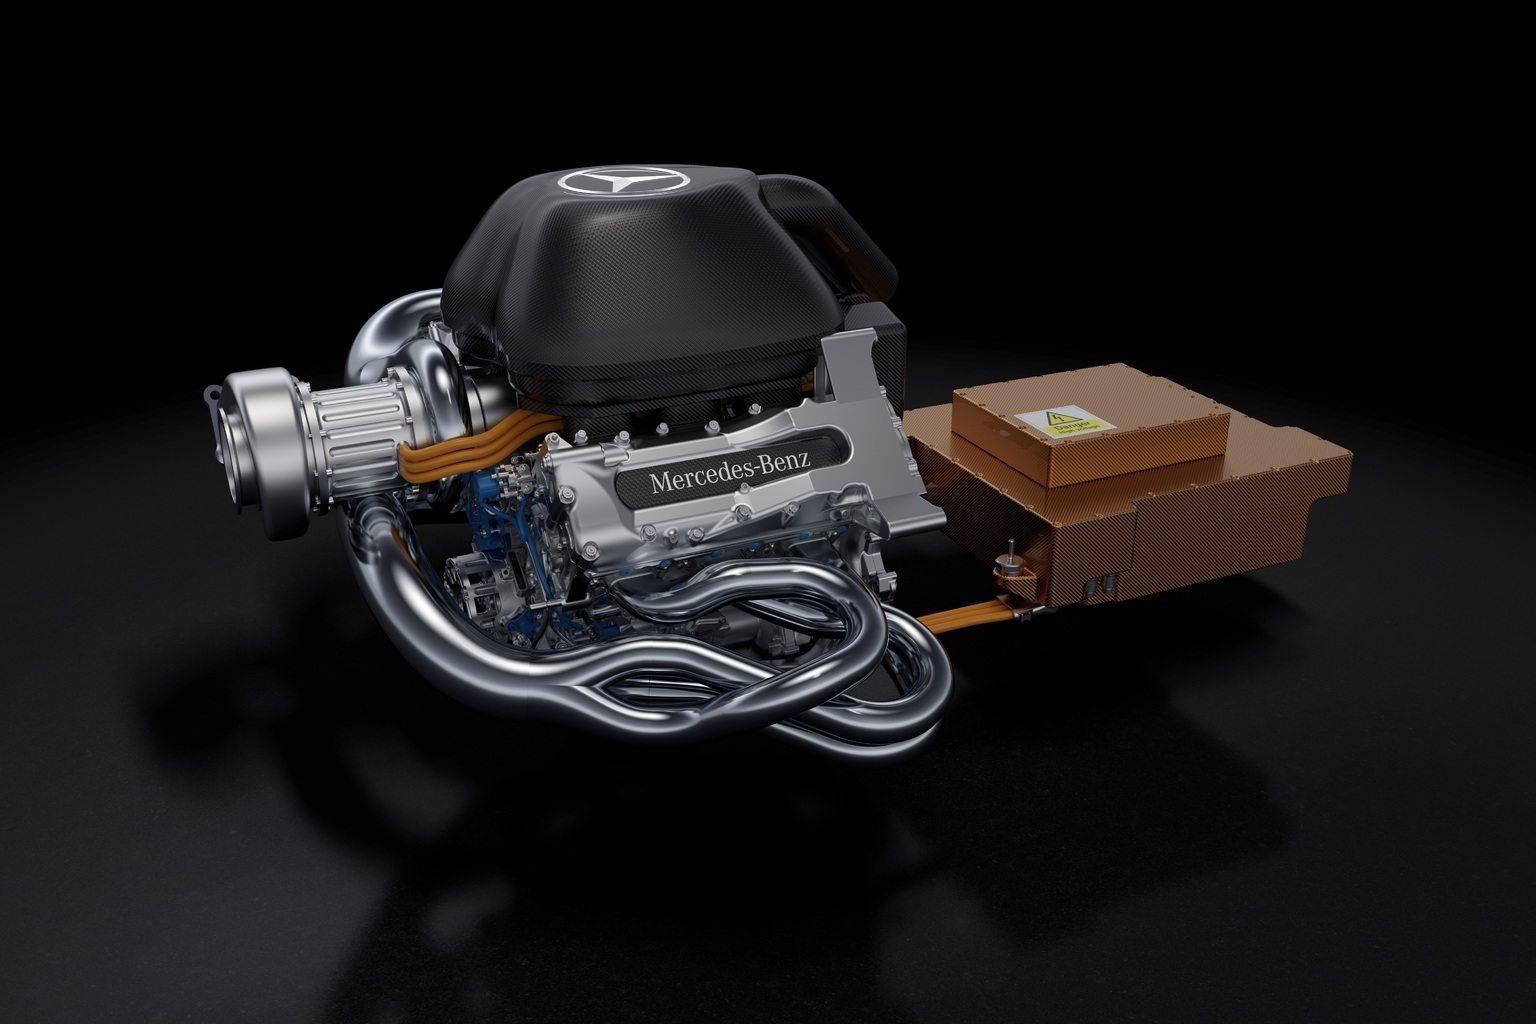 Mercedes-Benz PU106A Hybrid (Fotó: Daimler/Mercedes)